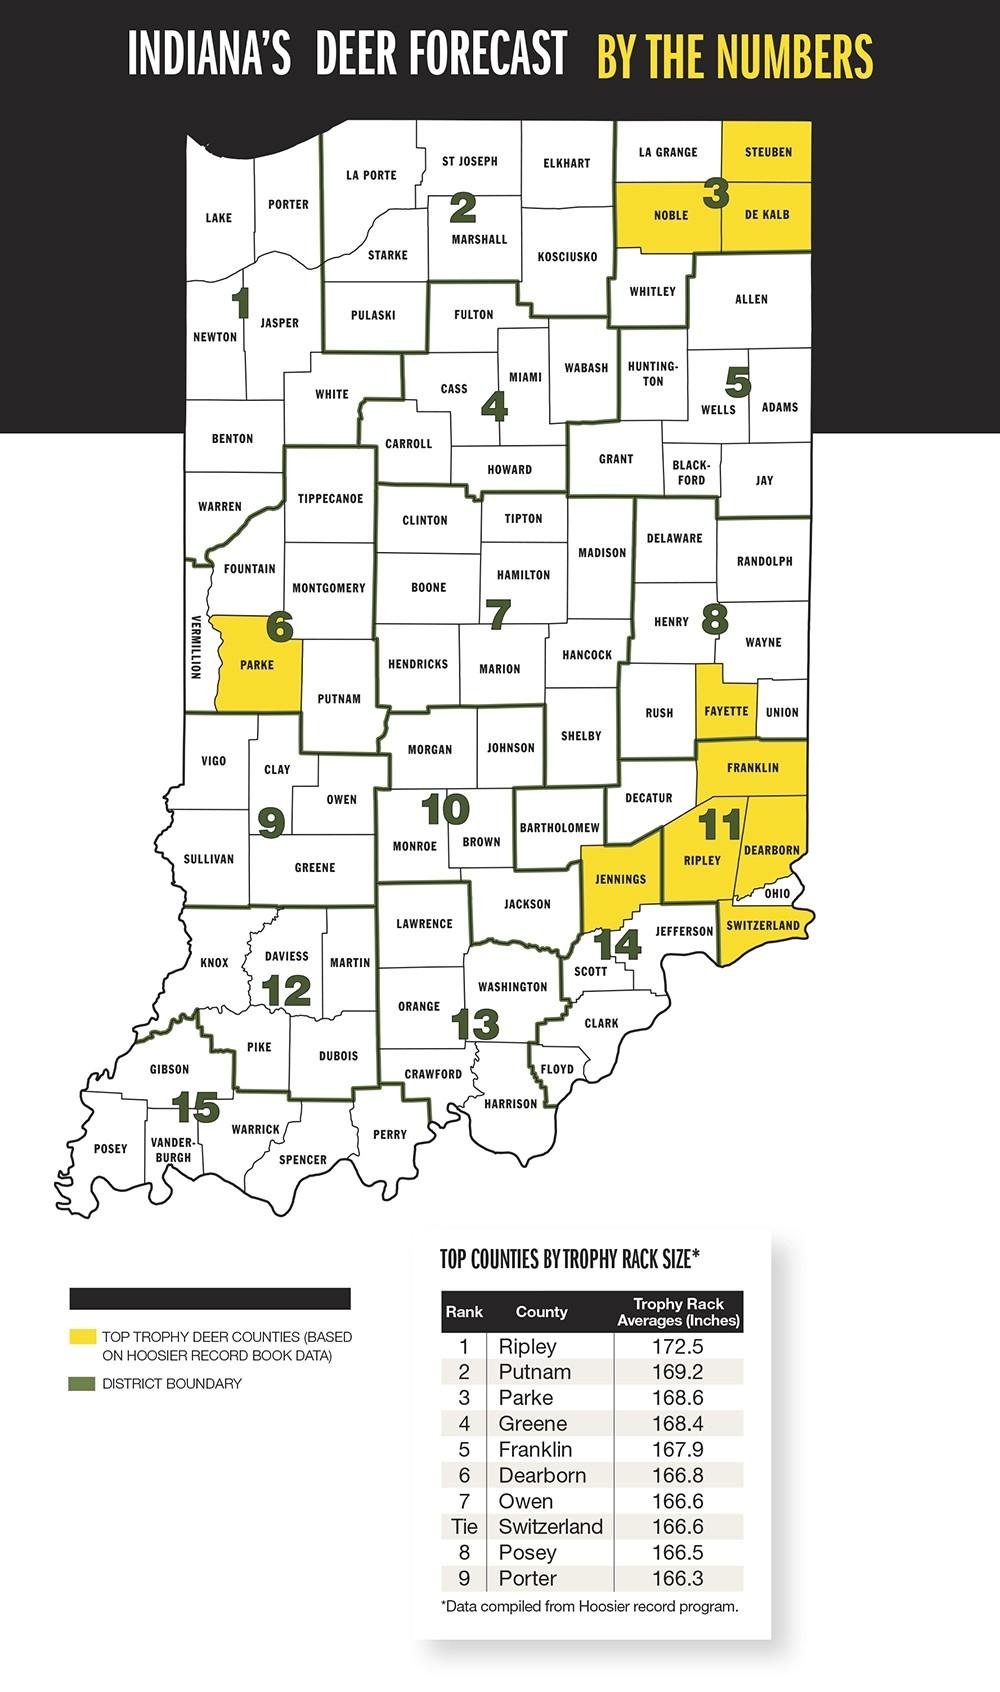 2015 Trophy Deer Forecast: Indiana  Indiana Deer Forcast